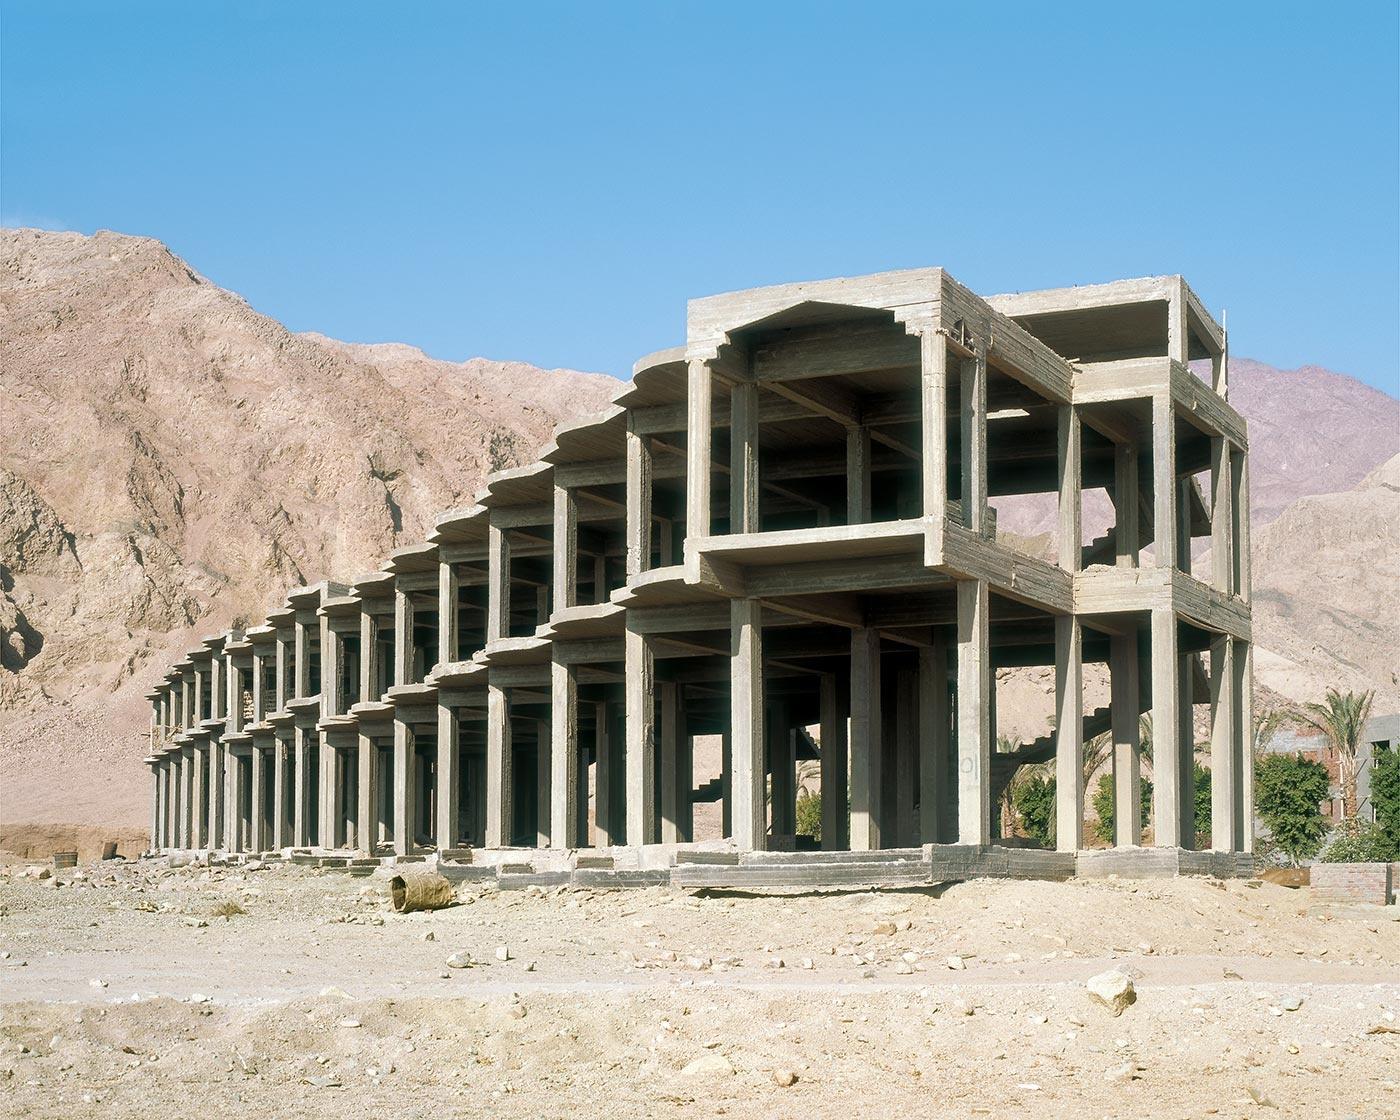 El hotel en el desierto en Egipto